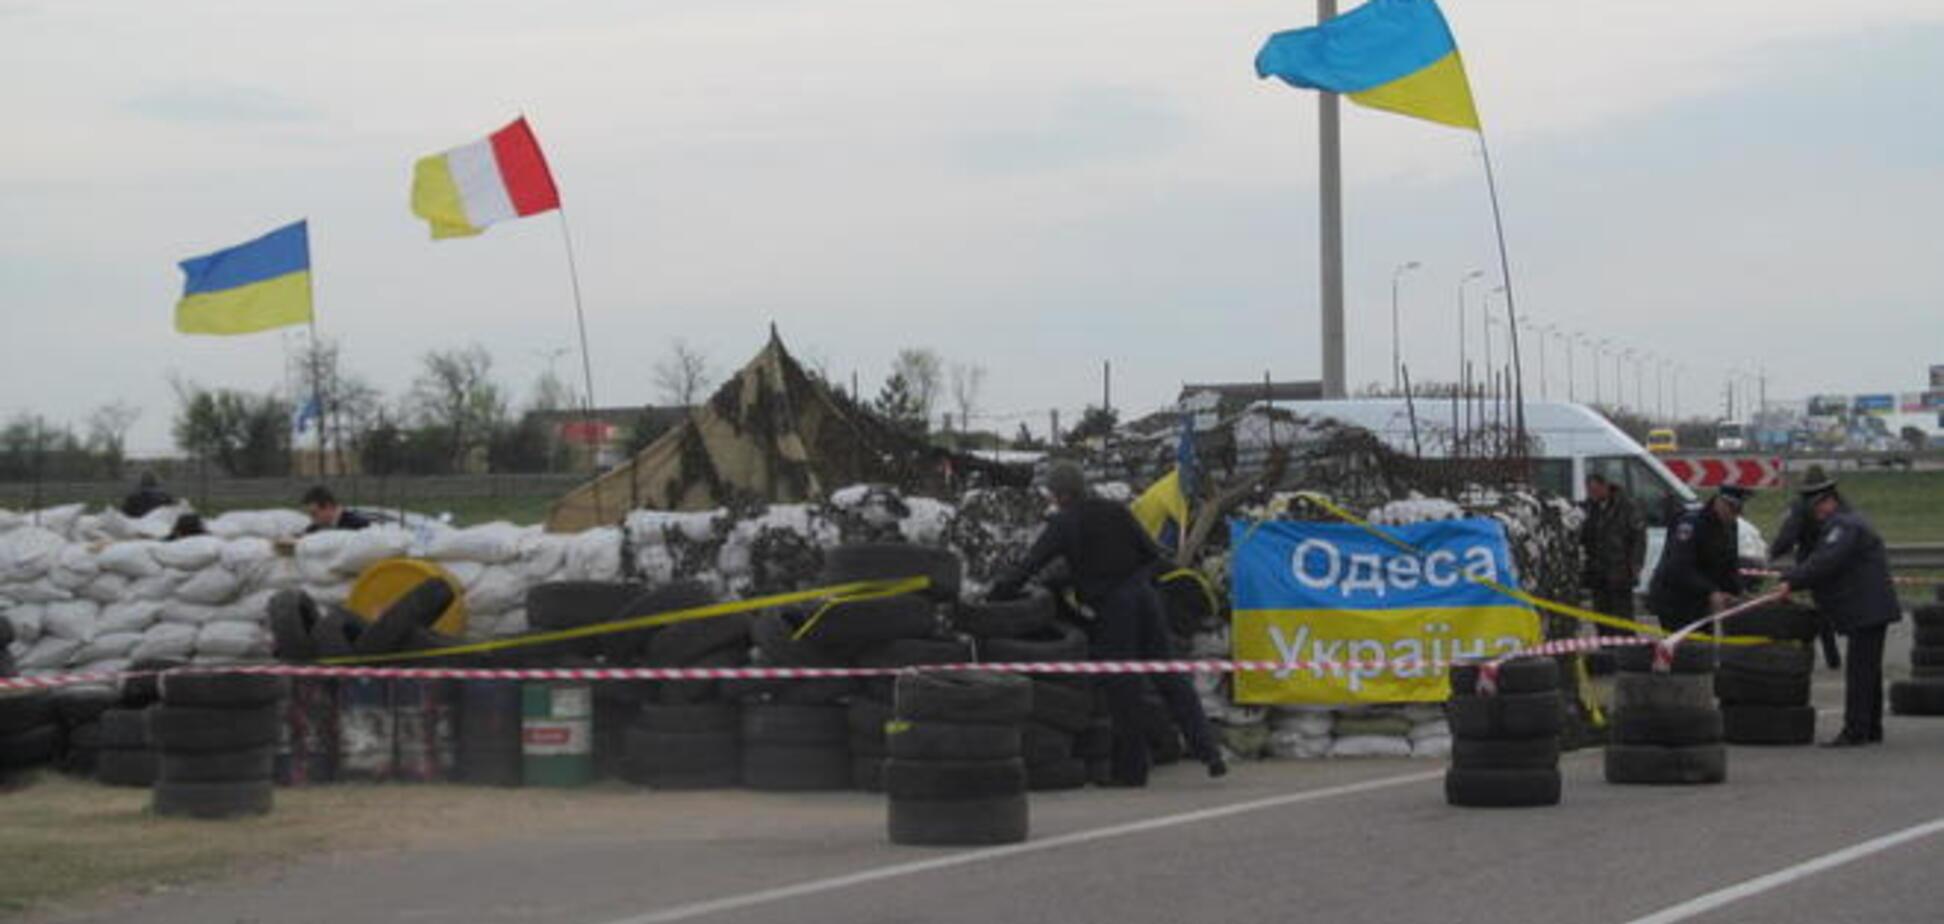 На блокпосту возле Одессы взорвали боевую гранату - МВД